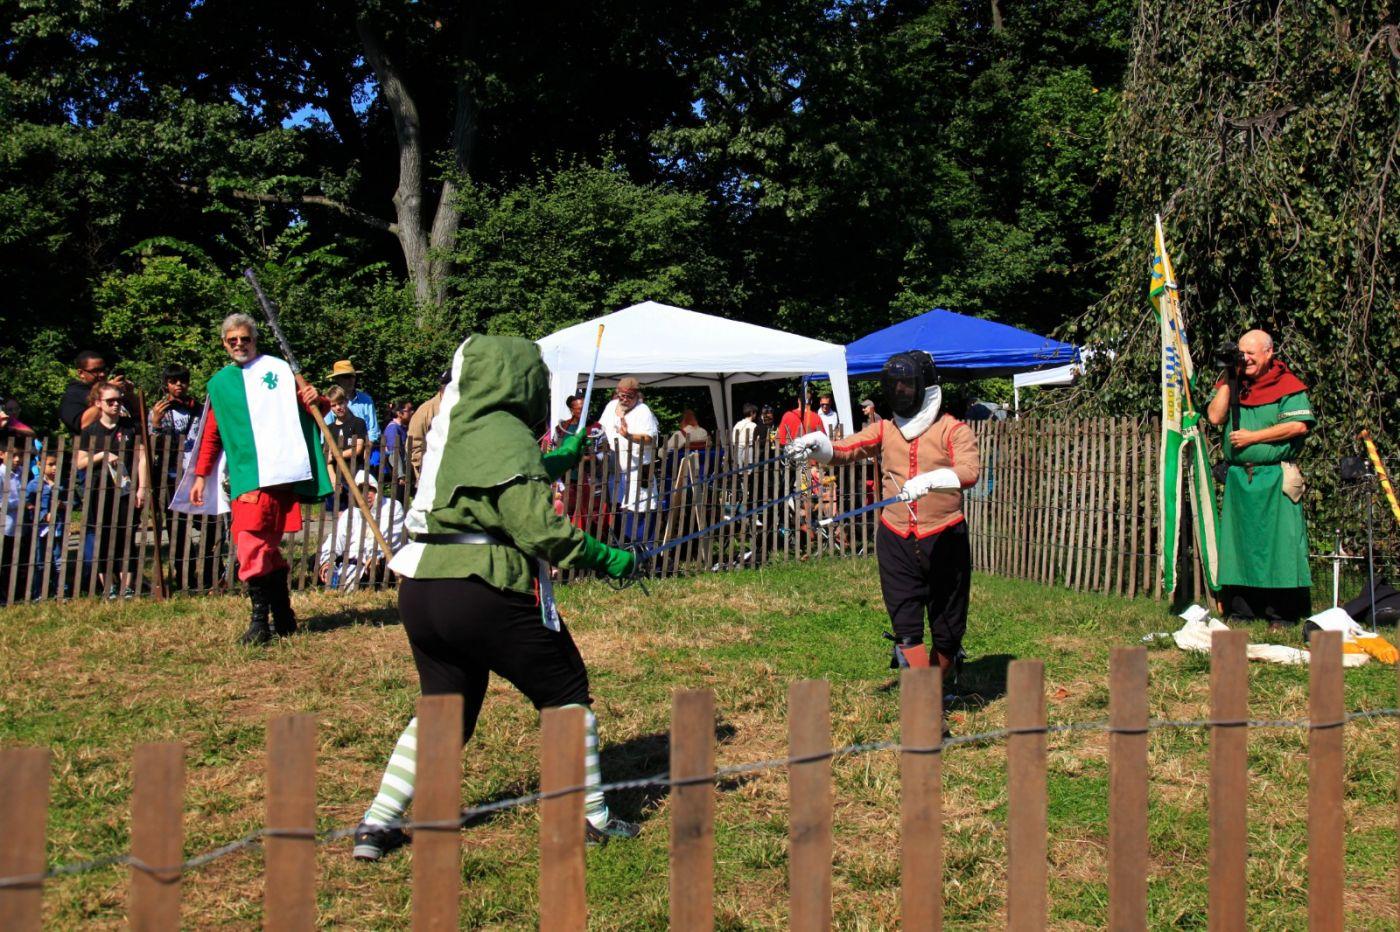 一年一度的崔恩堡公园中世纪节热闹非凡_图1-21